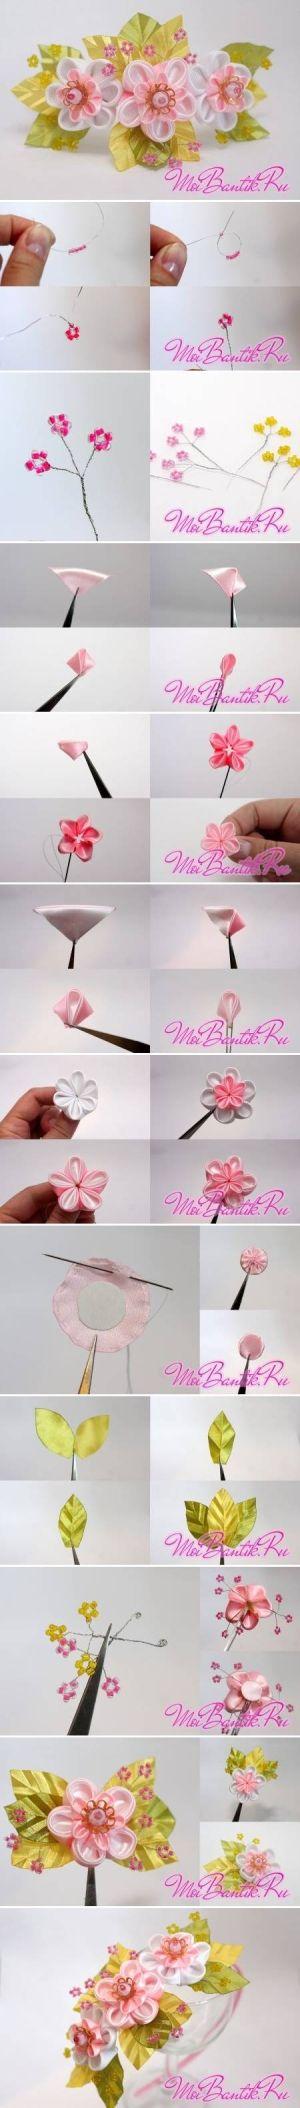 DIY Golden Sakura Ribbon Flower DIY Golden Sakura Ribbon Flower by diyforever